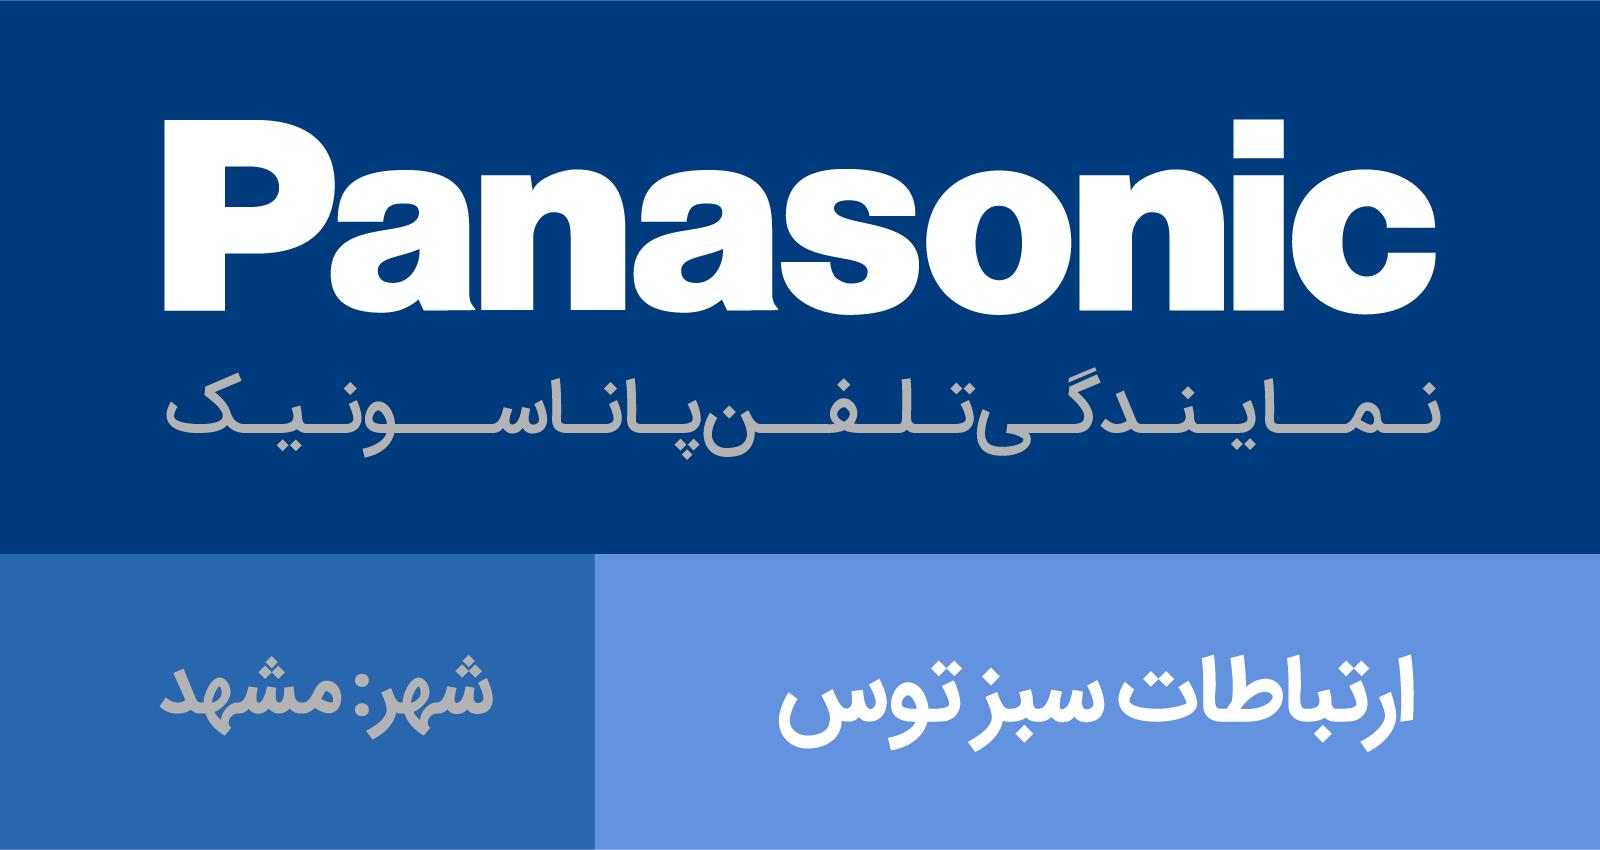 نمایندگی پاناسونیک مشهد - ارتباطات سبز توس